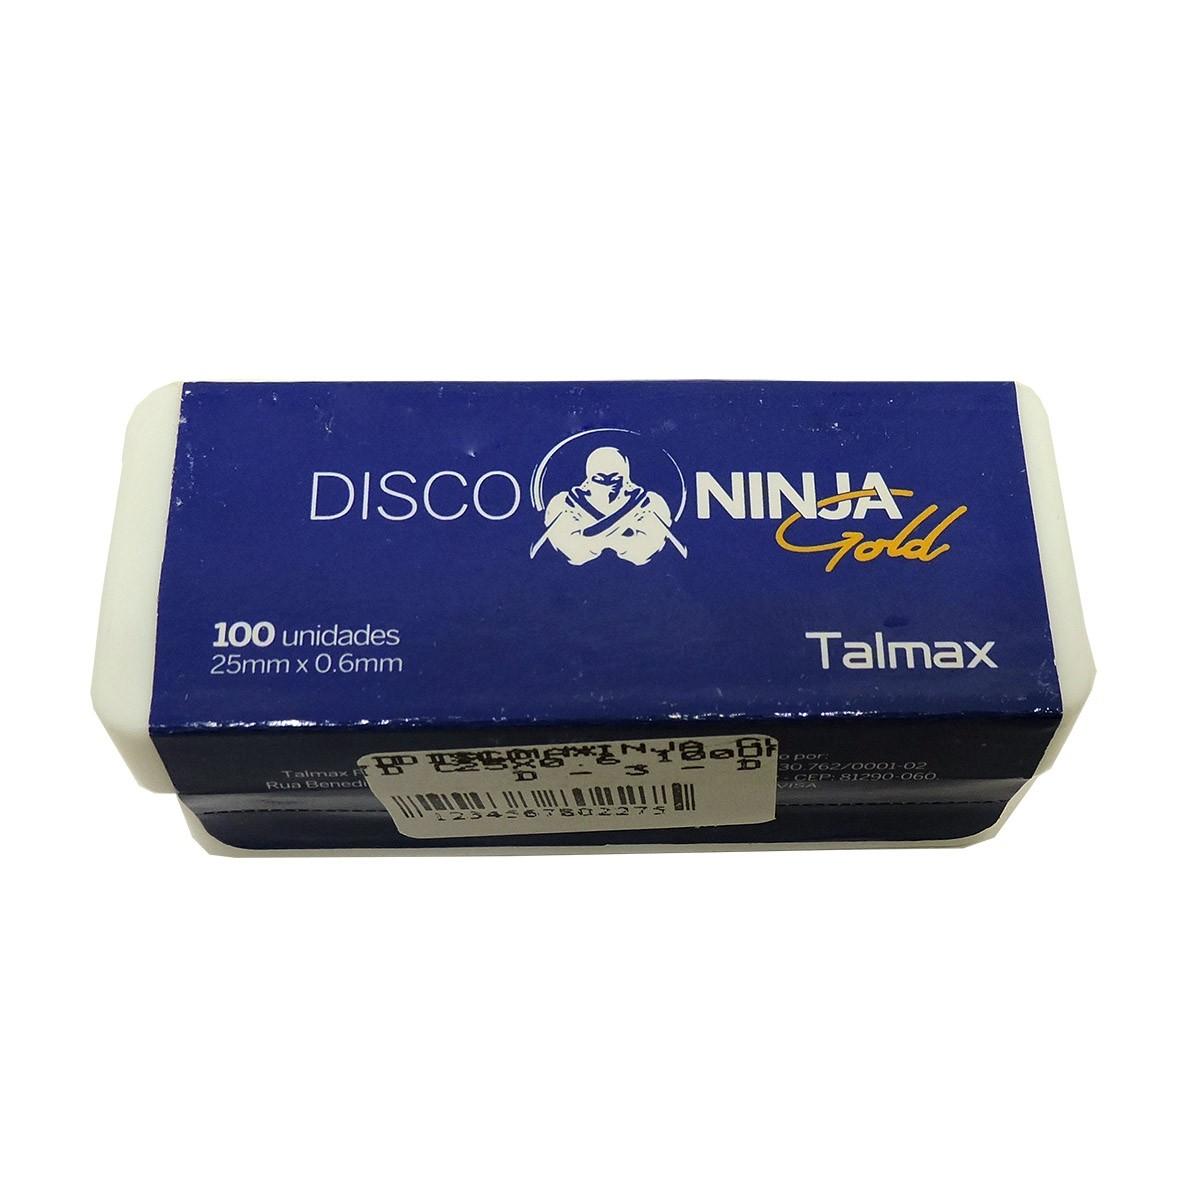 Disco Ninja Gold Talmax ø25 x 0,6mm - caixa com 100 unid